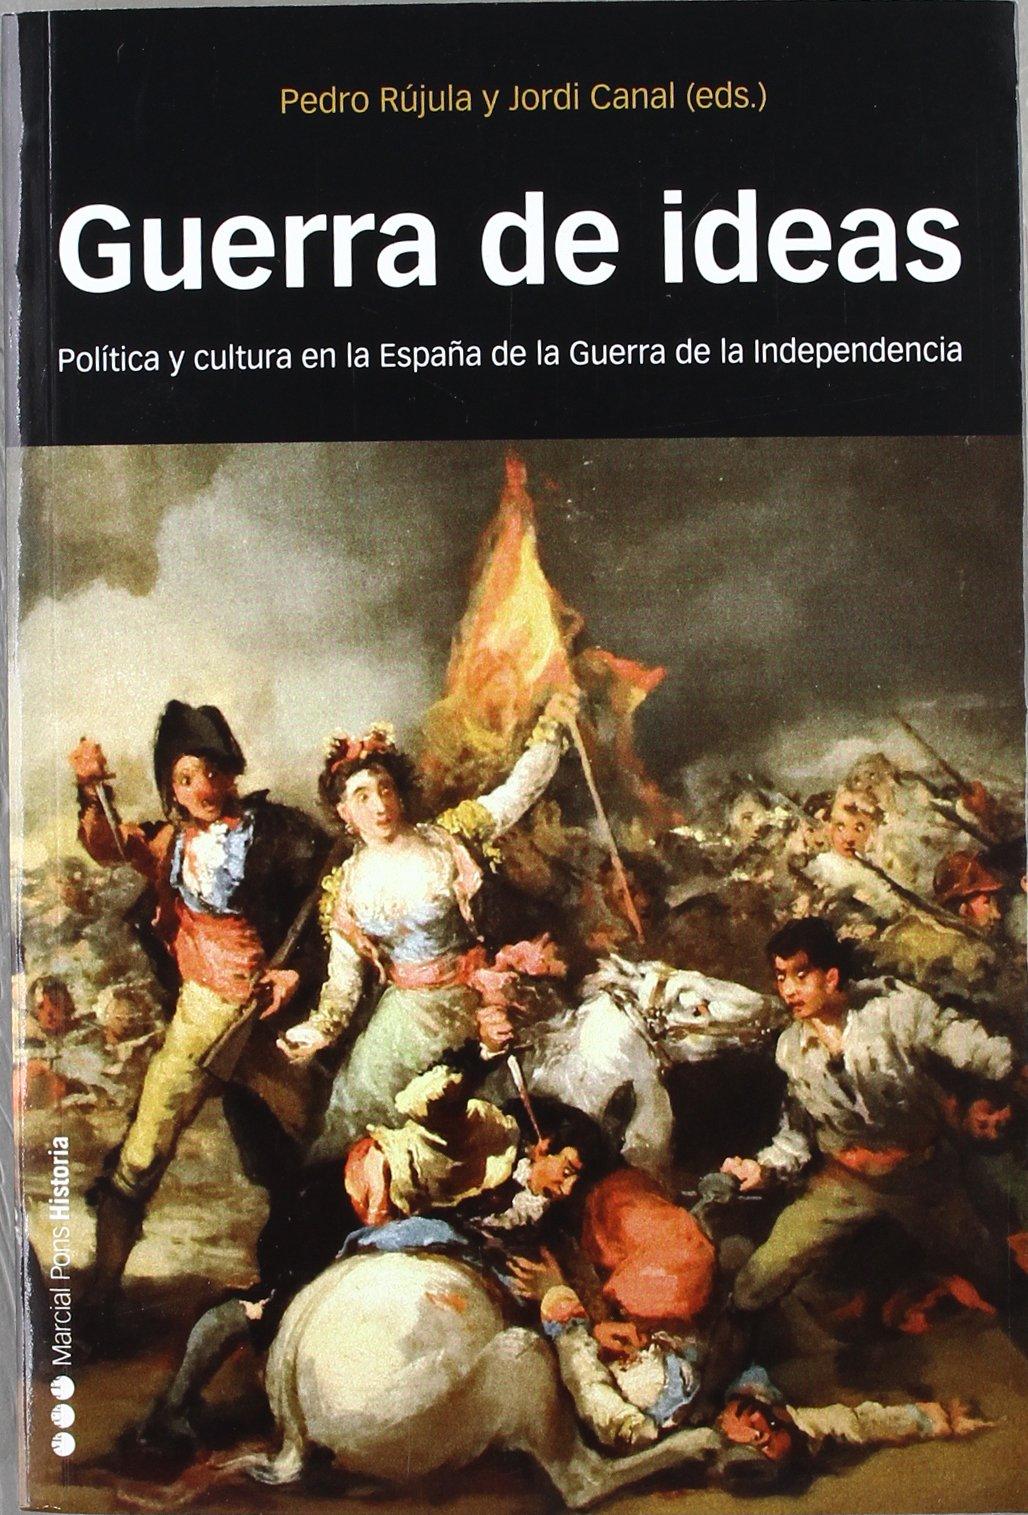 GUERRA DE IDEAS: Política y Cultura en la España de la Guerra de Independencia Coediciones: Amazon.es: Rújula, Pedro, Canal, Jordi: Libros